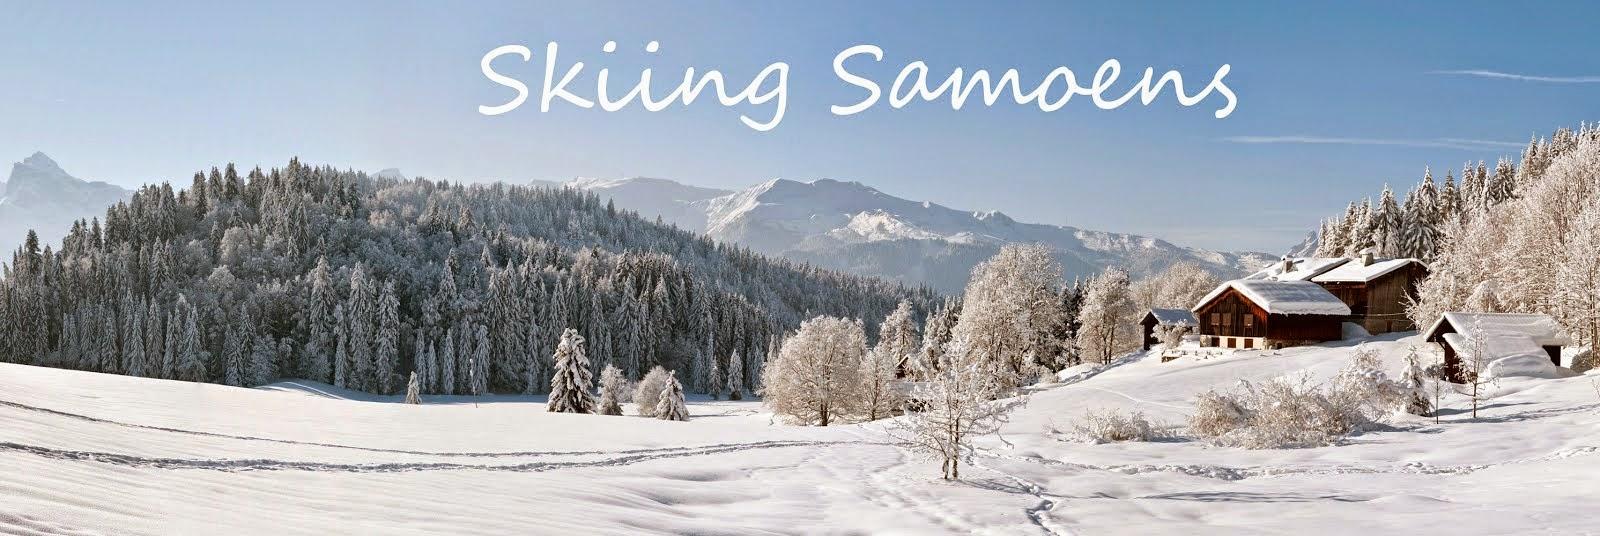 Skiing Samoens